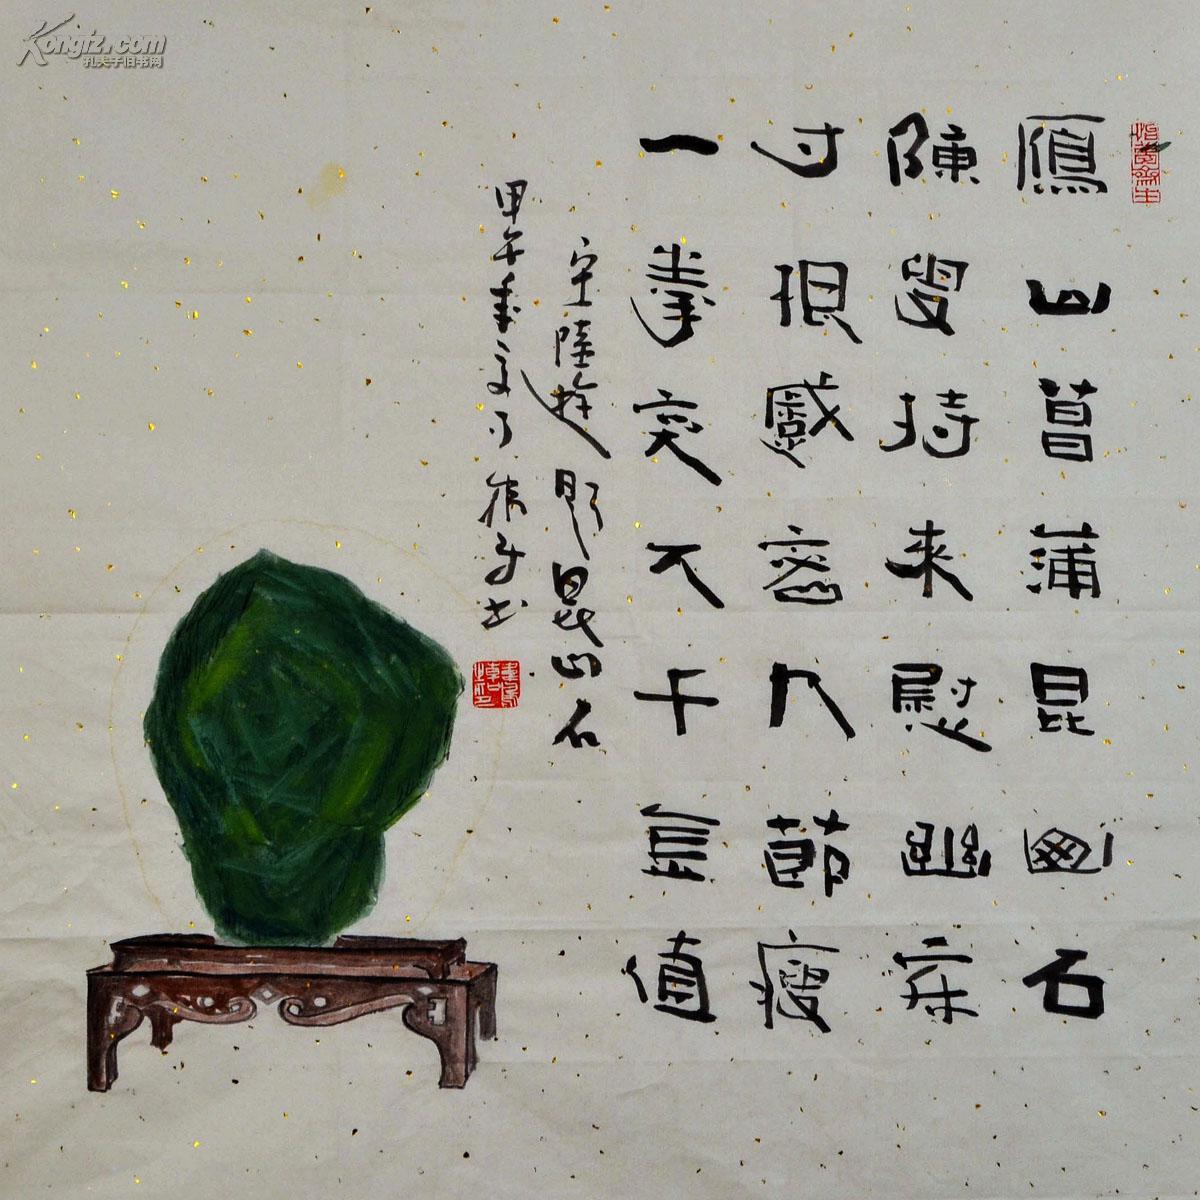 陆游的诗集_鸣书配画-陆游赏石诗-14